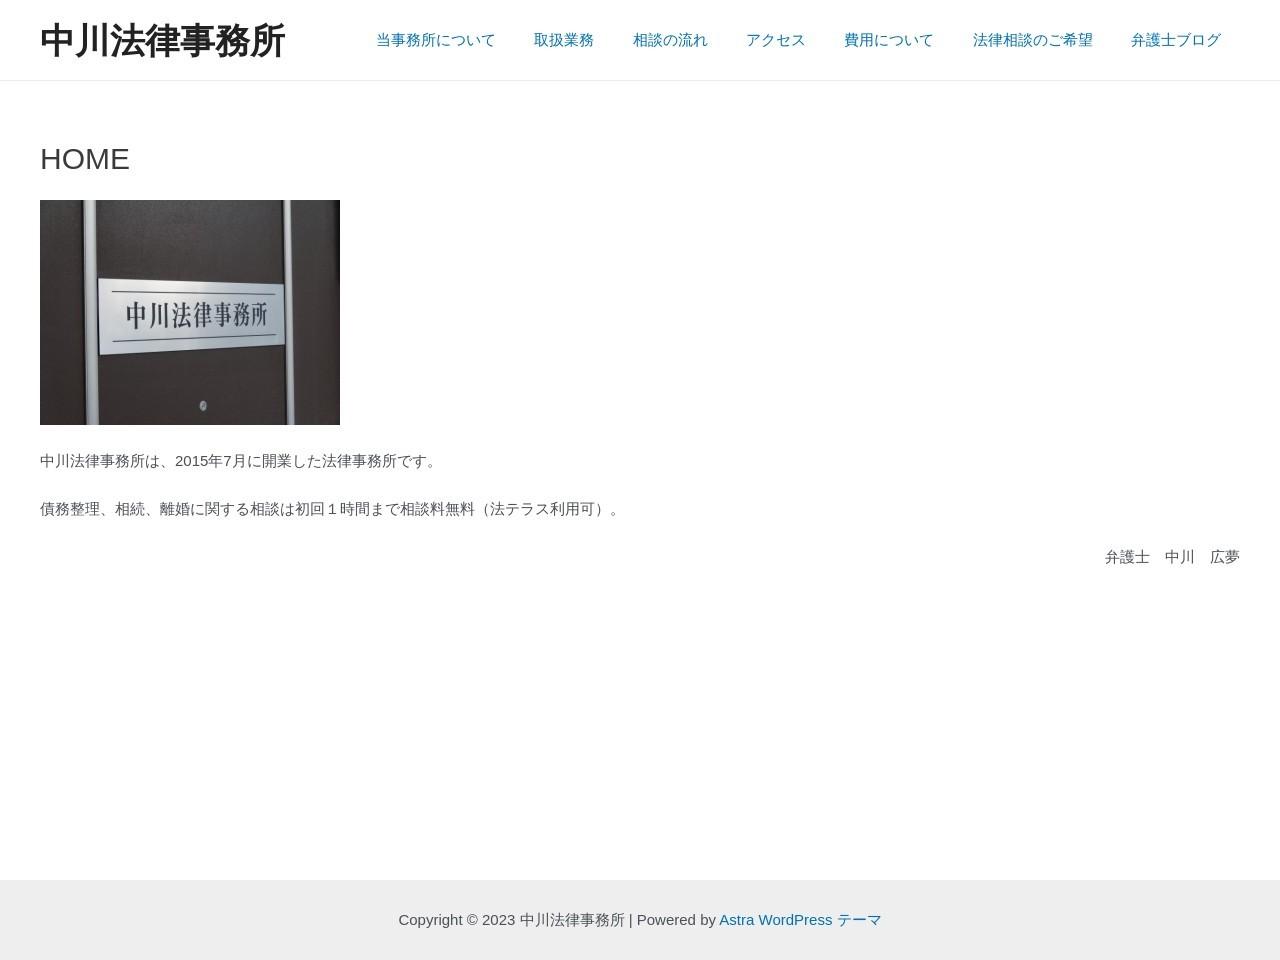 中川法律事務所